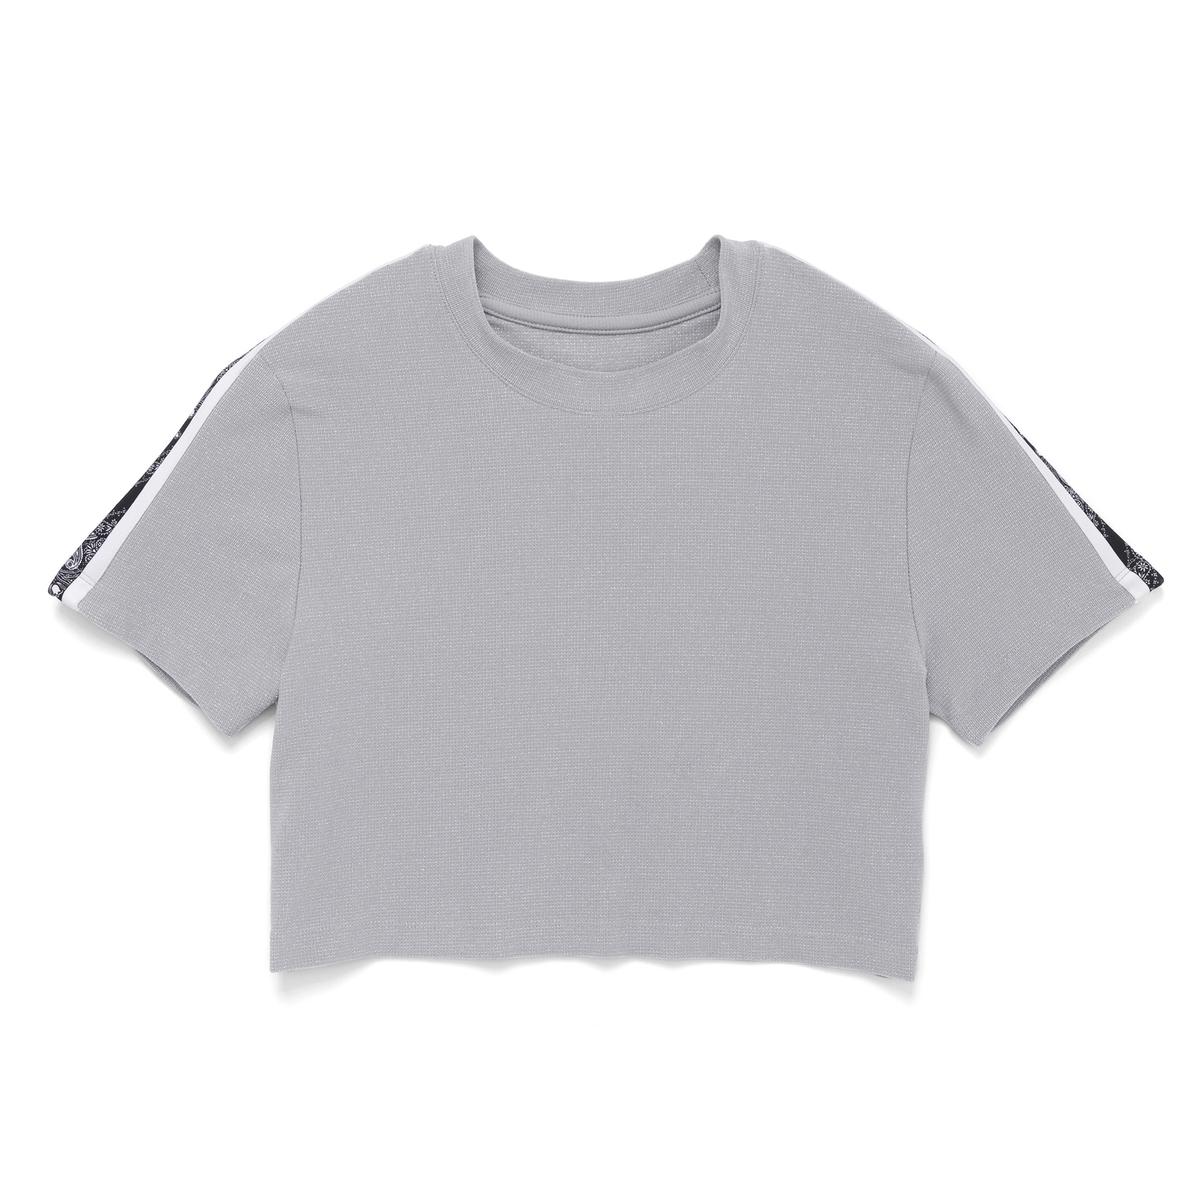 Camiseta MILEY CYRUS, cuello redondo y manga corta